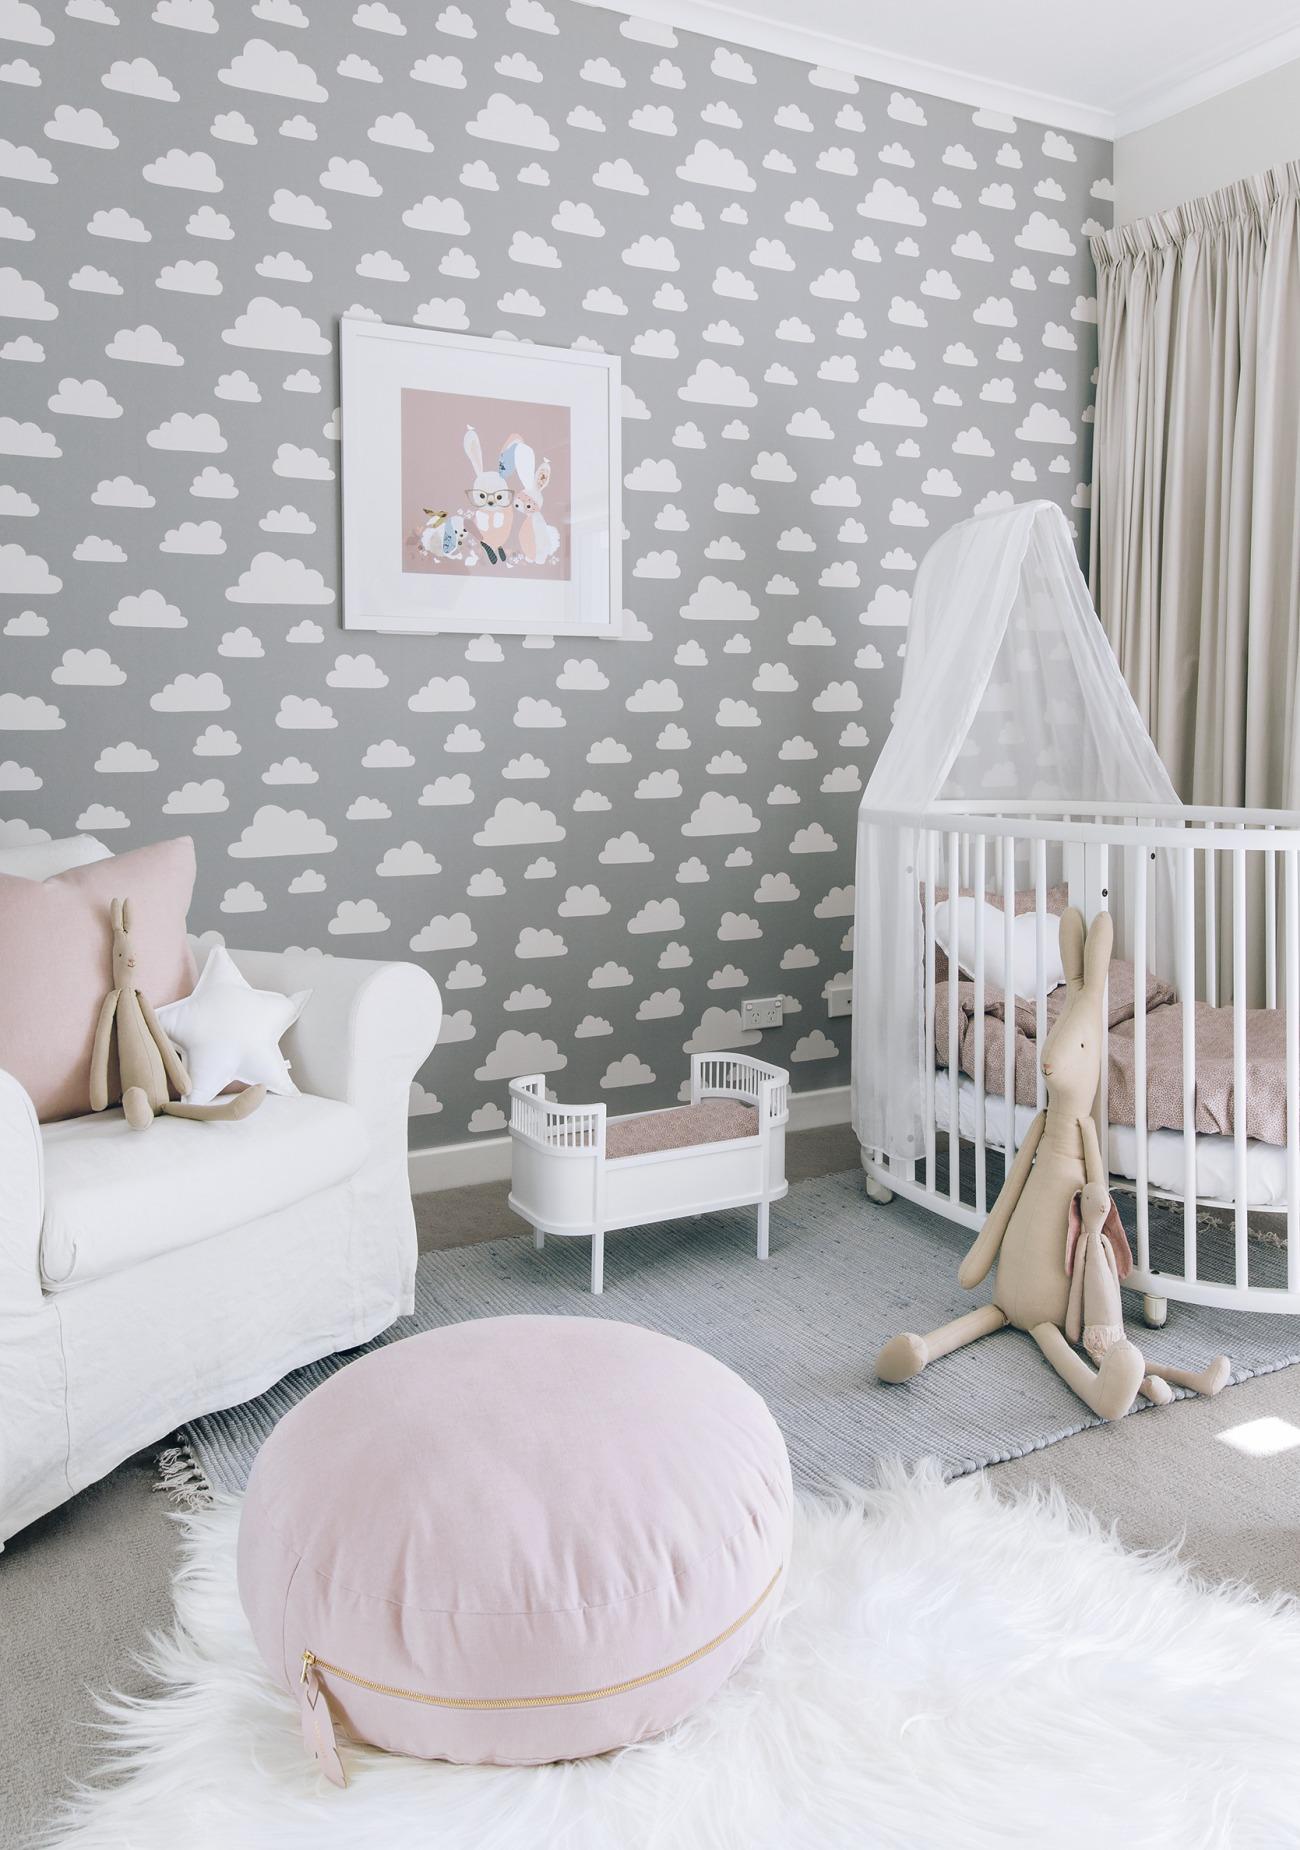 O cinza veio como uma ótima opção de cor neutra para diversos estilos de quartos